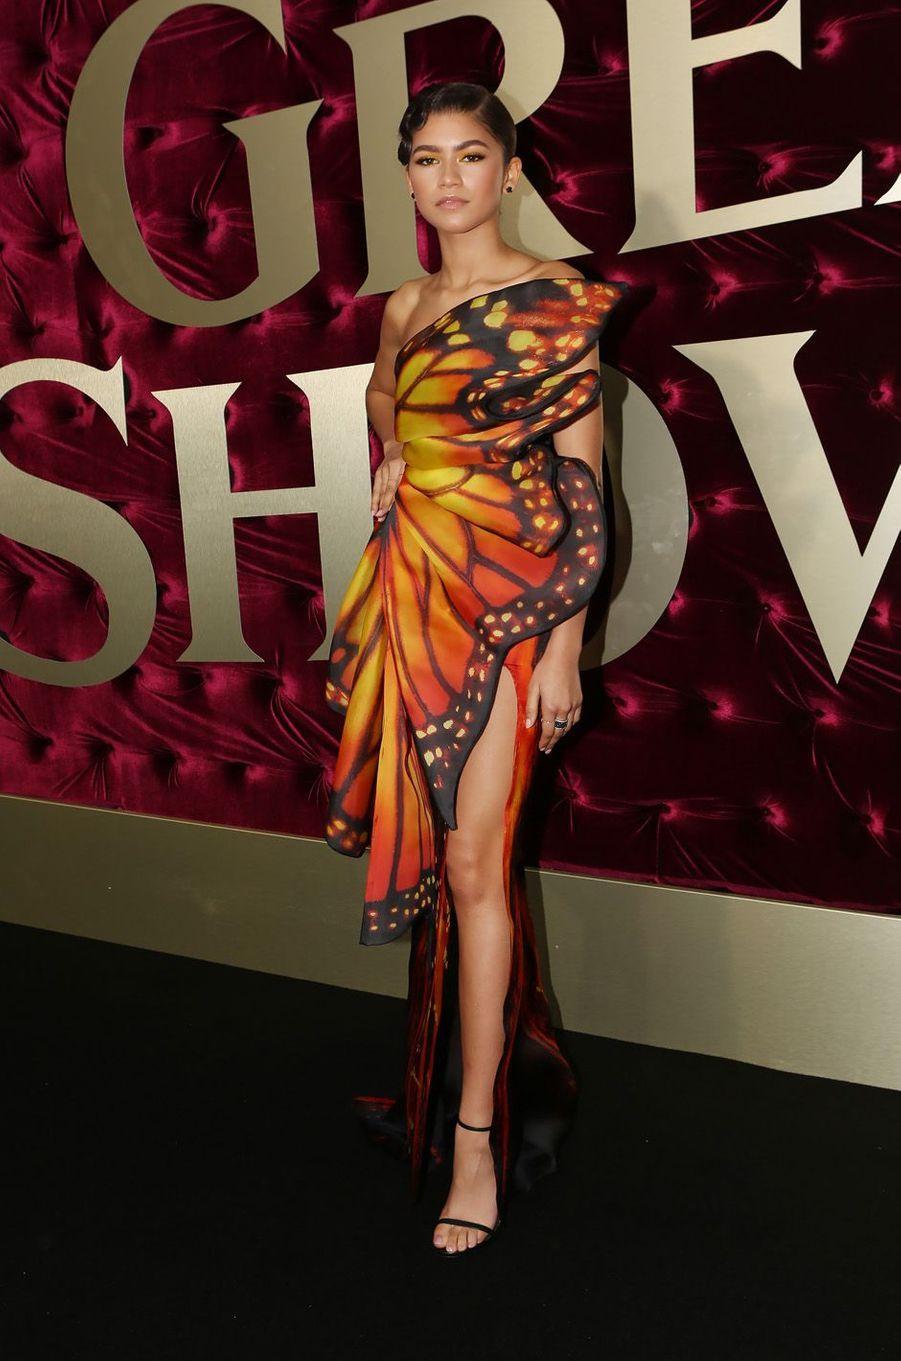 """Zendayaà l'avant-première de """"The Greatest Showman"""", le 20 décembre 2017 à Sydney."""